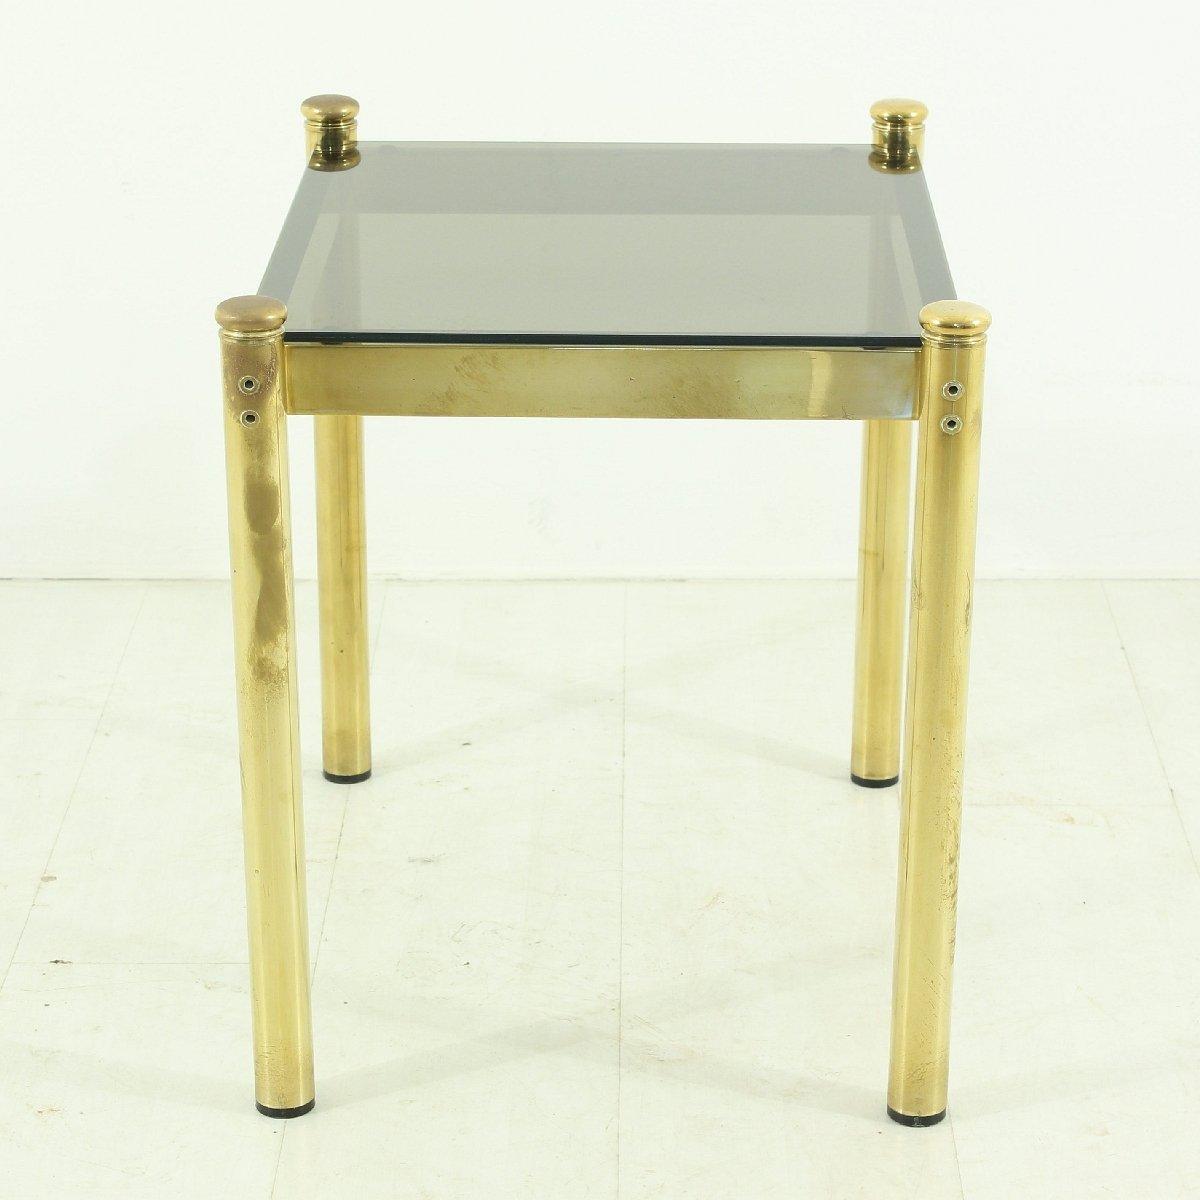 lampe de table vintage en laiton avec plateau en verre fum en vente sur pamono. Black Bedroom Furniture Sets. Home Design Ideas